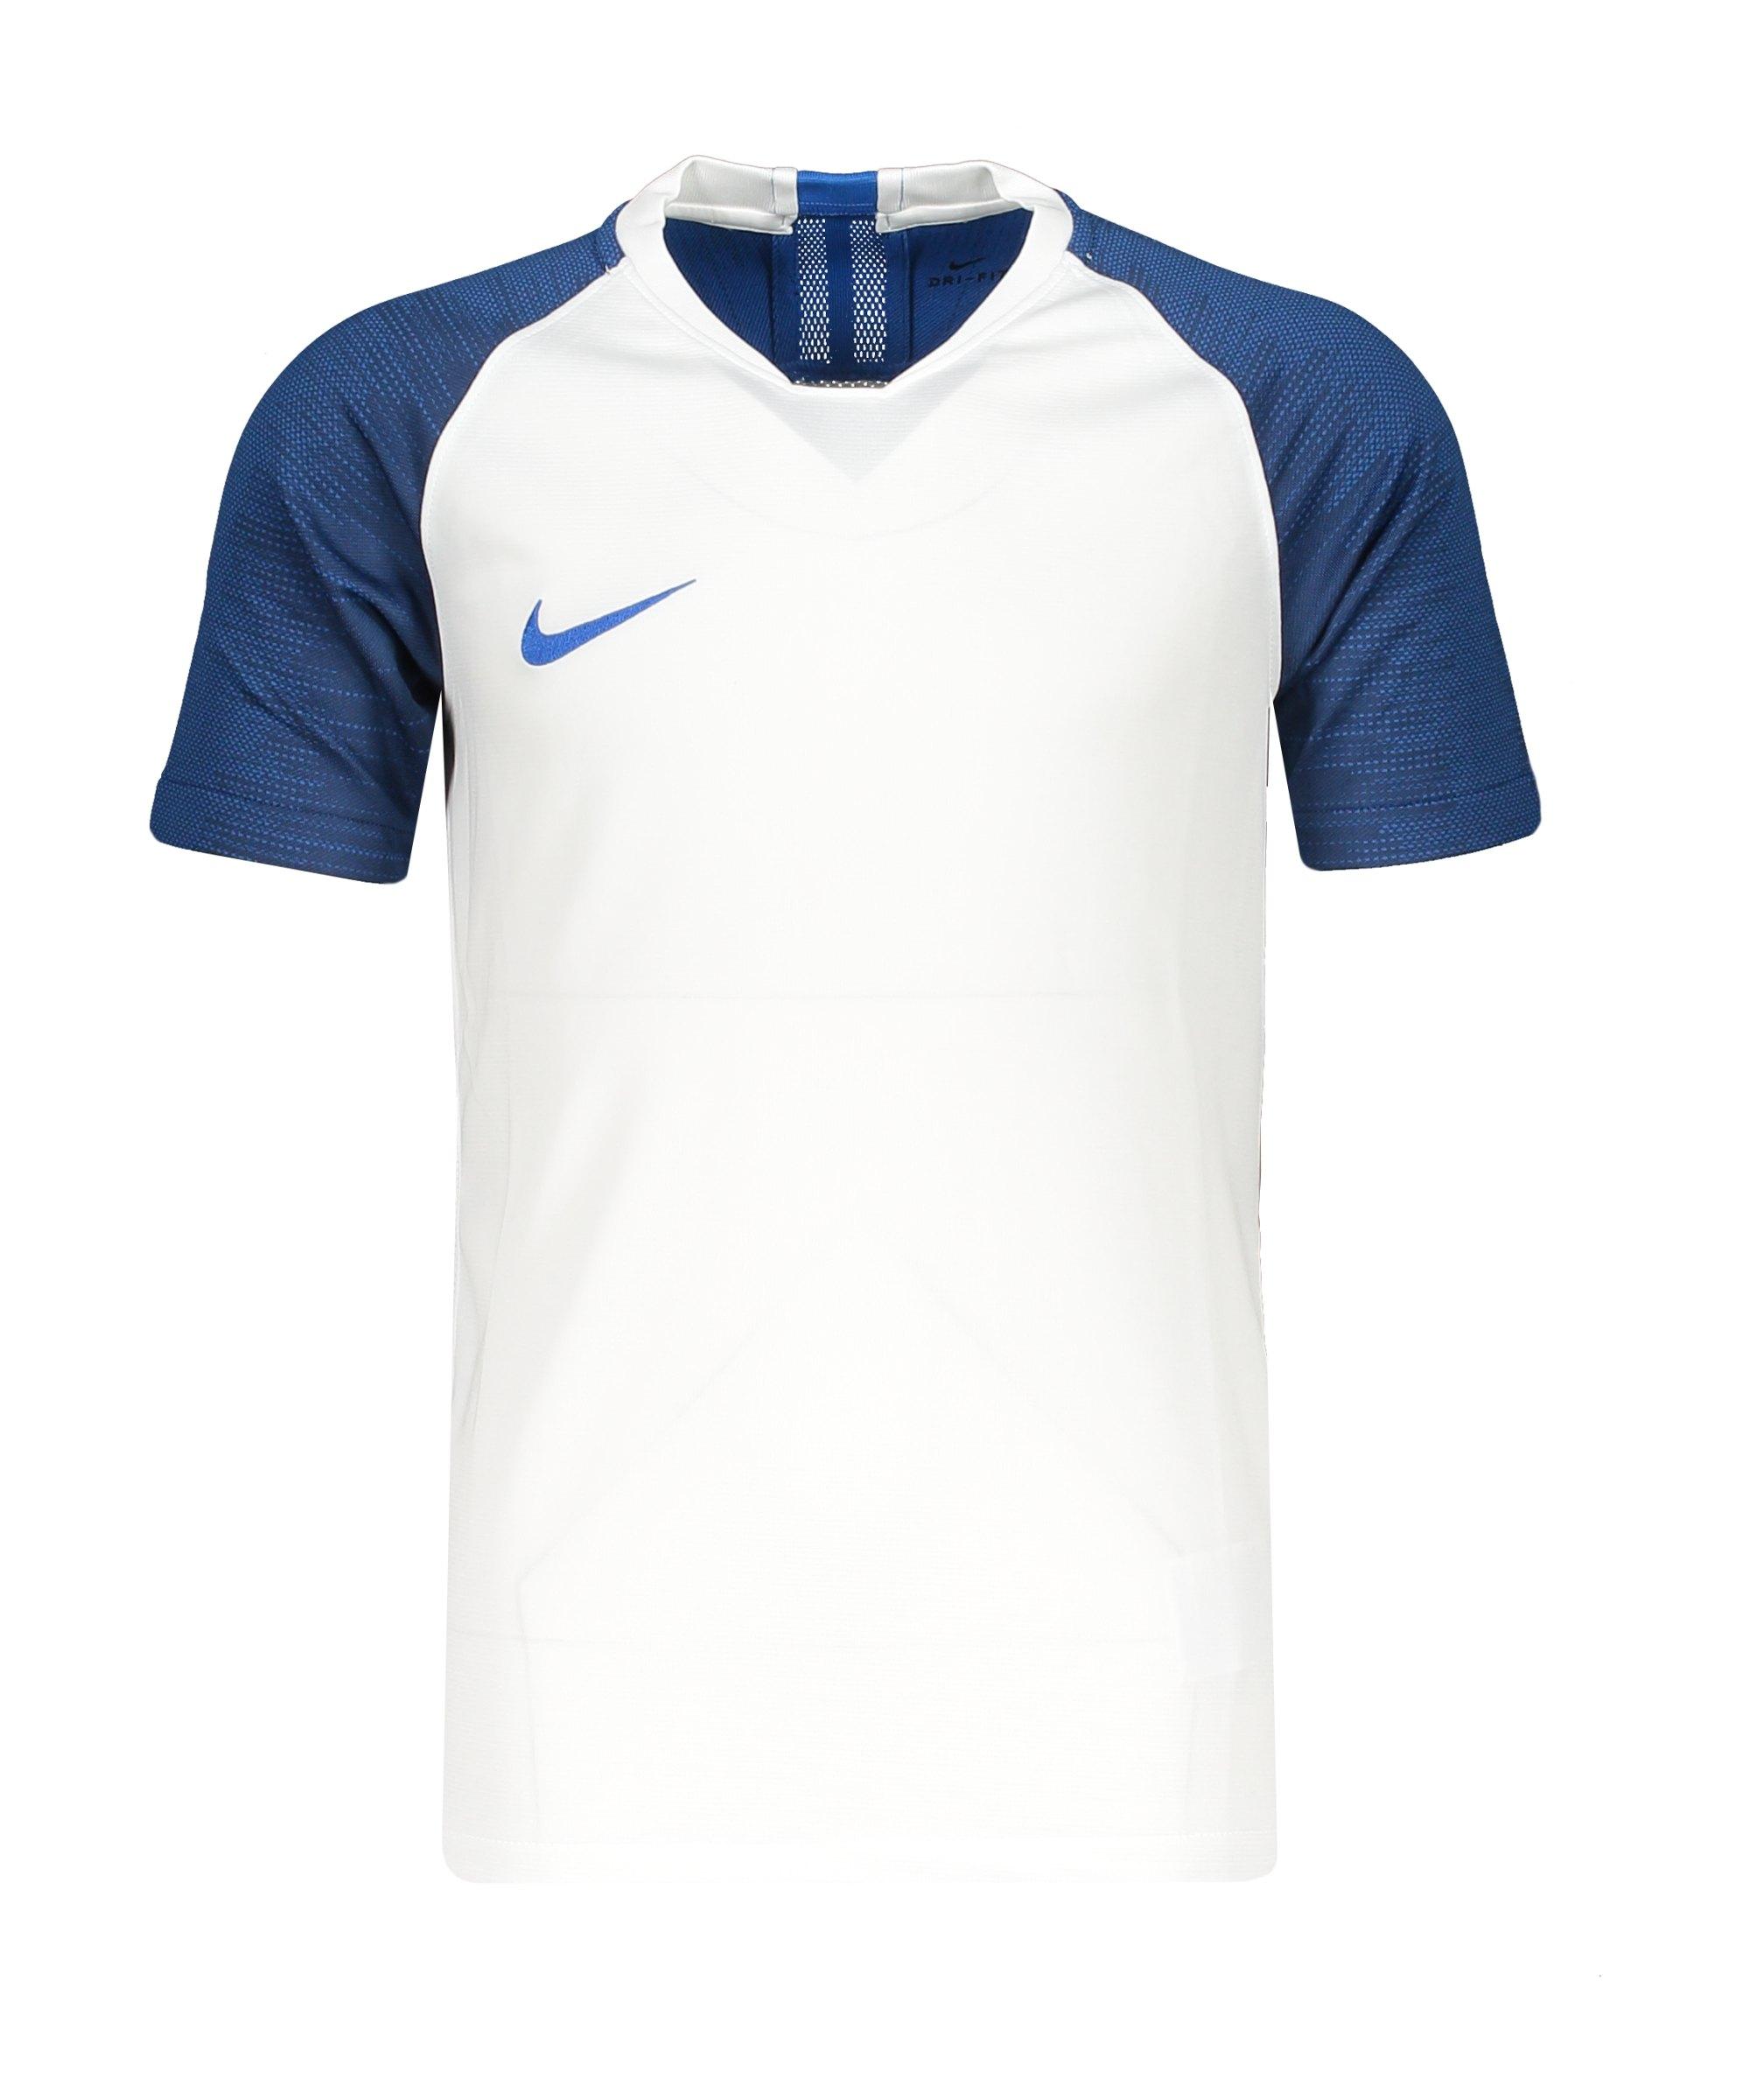 Nike Strike Trikot kurzarm Kids Weiss Blau F102 - Weiss